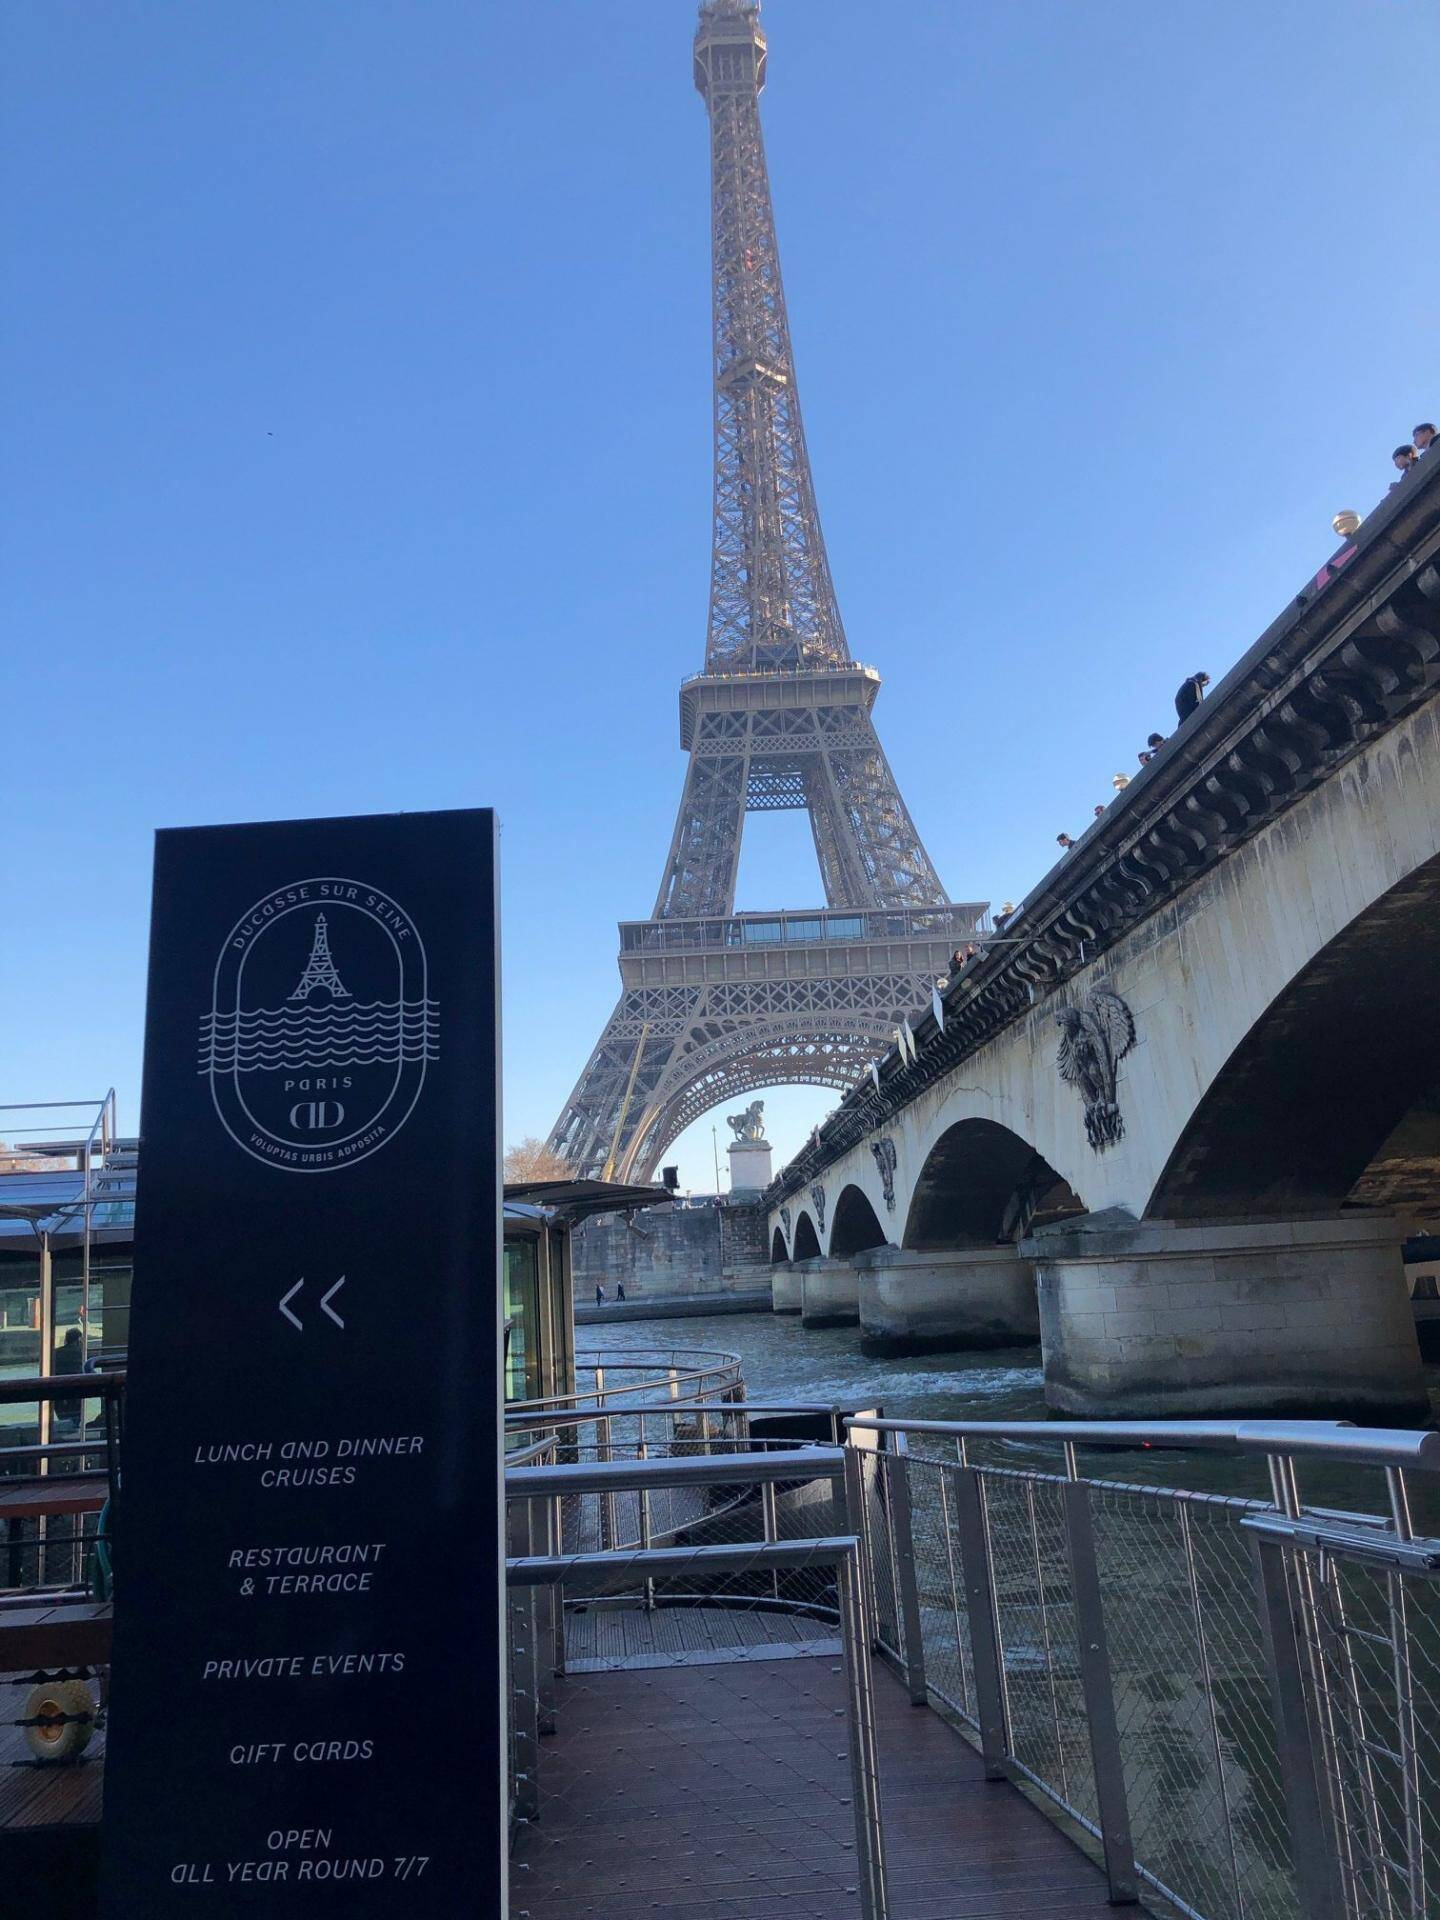 L'identité visuelle de «Ducasse sur Seine» est signée Pierre Tachon, directeur artistique de Ducasse Paris. Le logo est construit comme un blason. Sa forme oblongue, inspirée des courbes du navire, contient en son cœur une Tour Eiffel et des flots très stylisés qui évoquent les ondulations de la Seine.